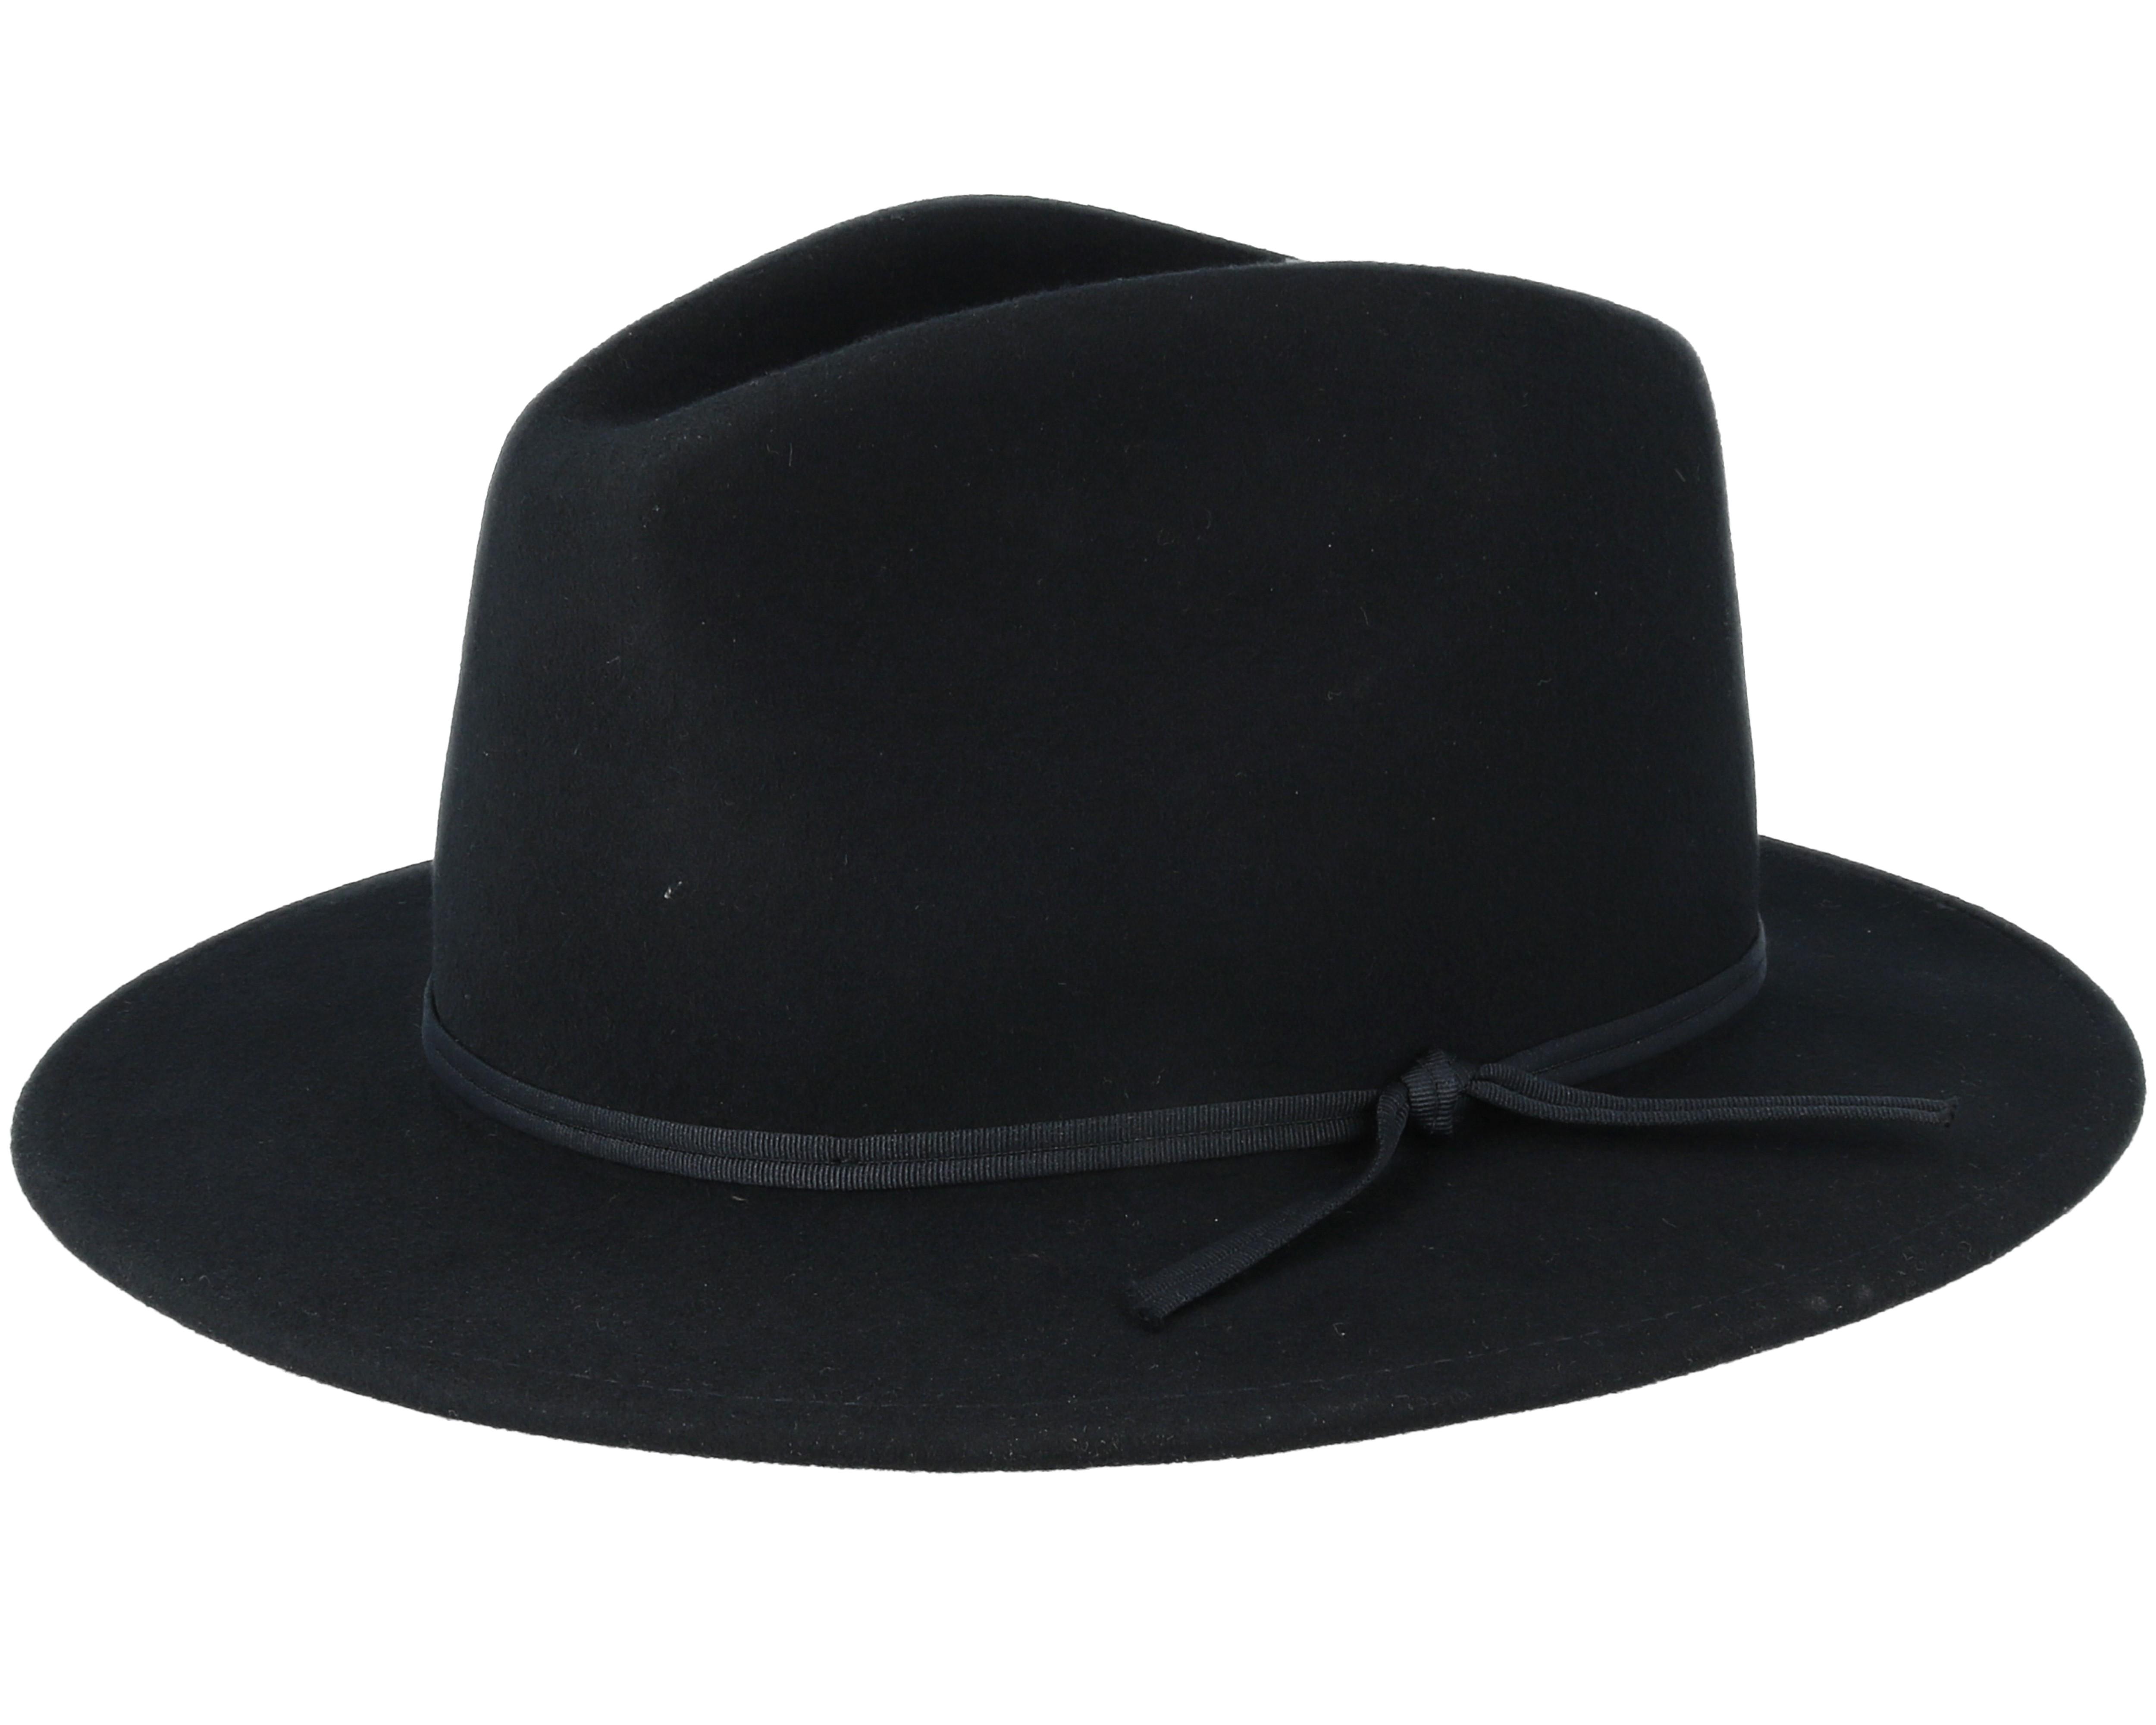 Coleman Black Fedora - Brixton hats  7b0010d3734